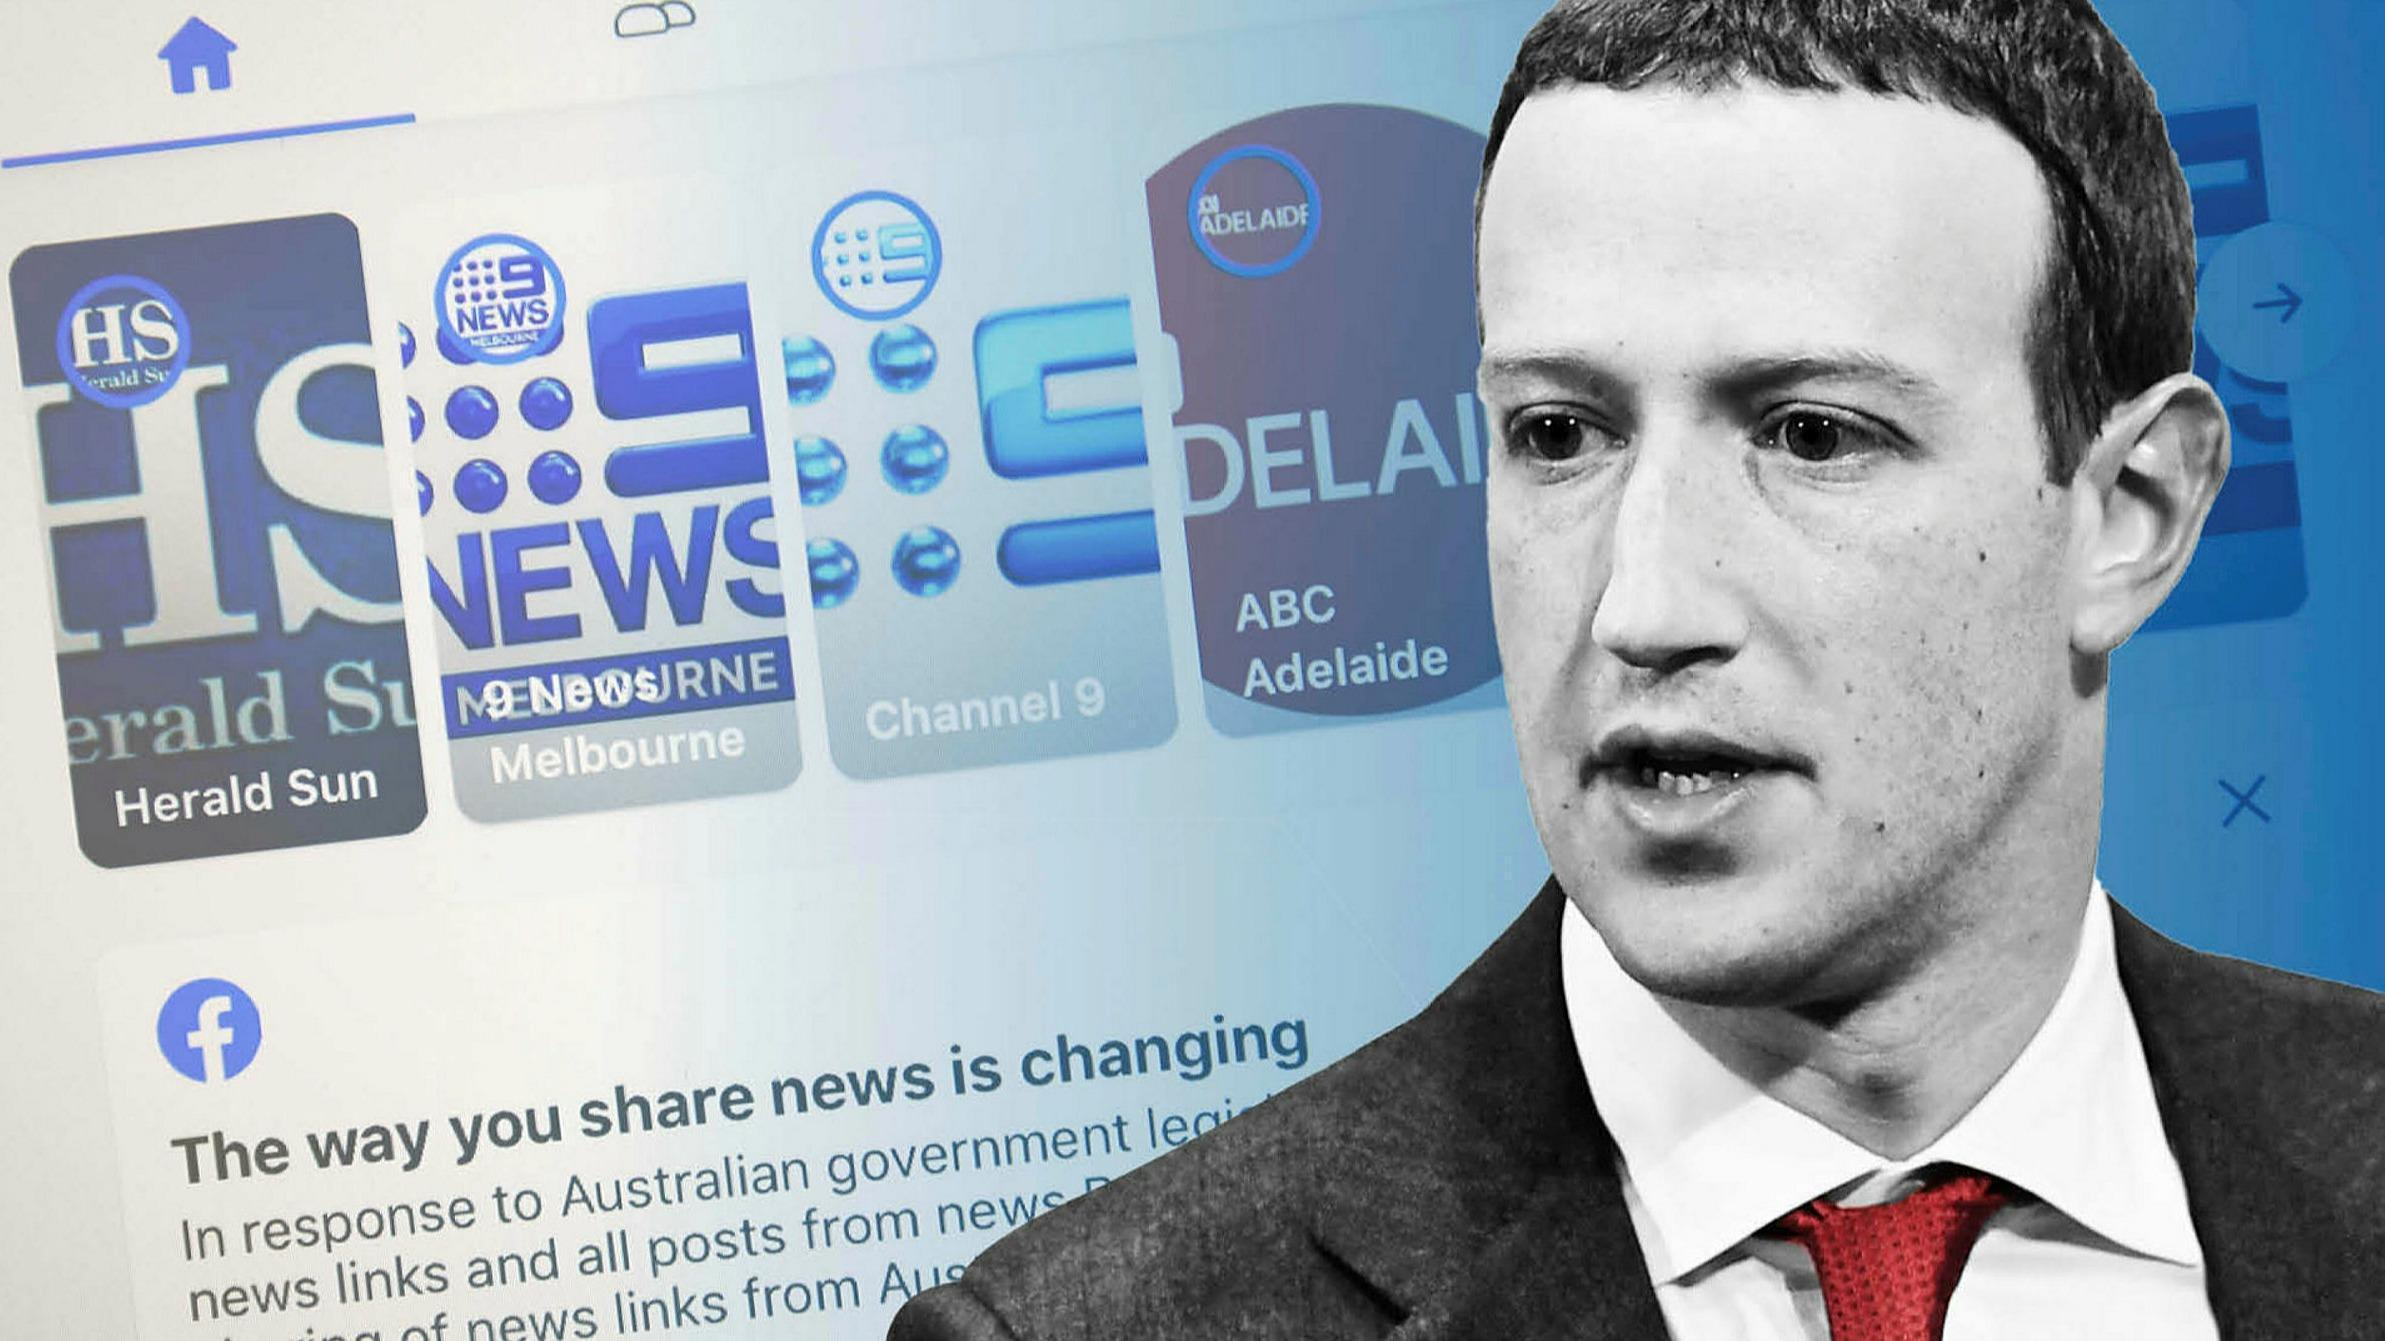 Nước Úc bắt Facebook trả tiền cho báo chí, bài học cho Việt Nam-1